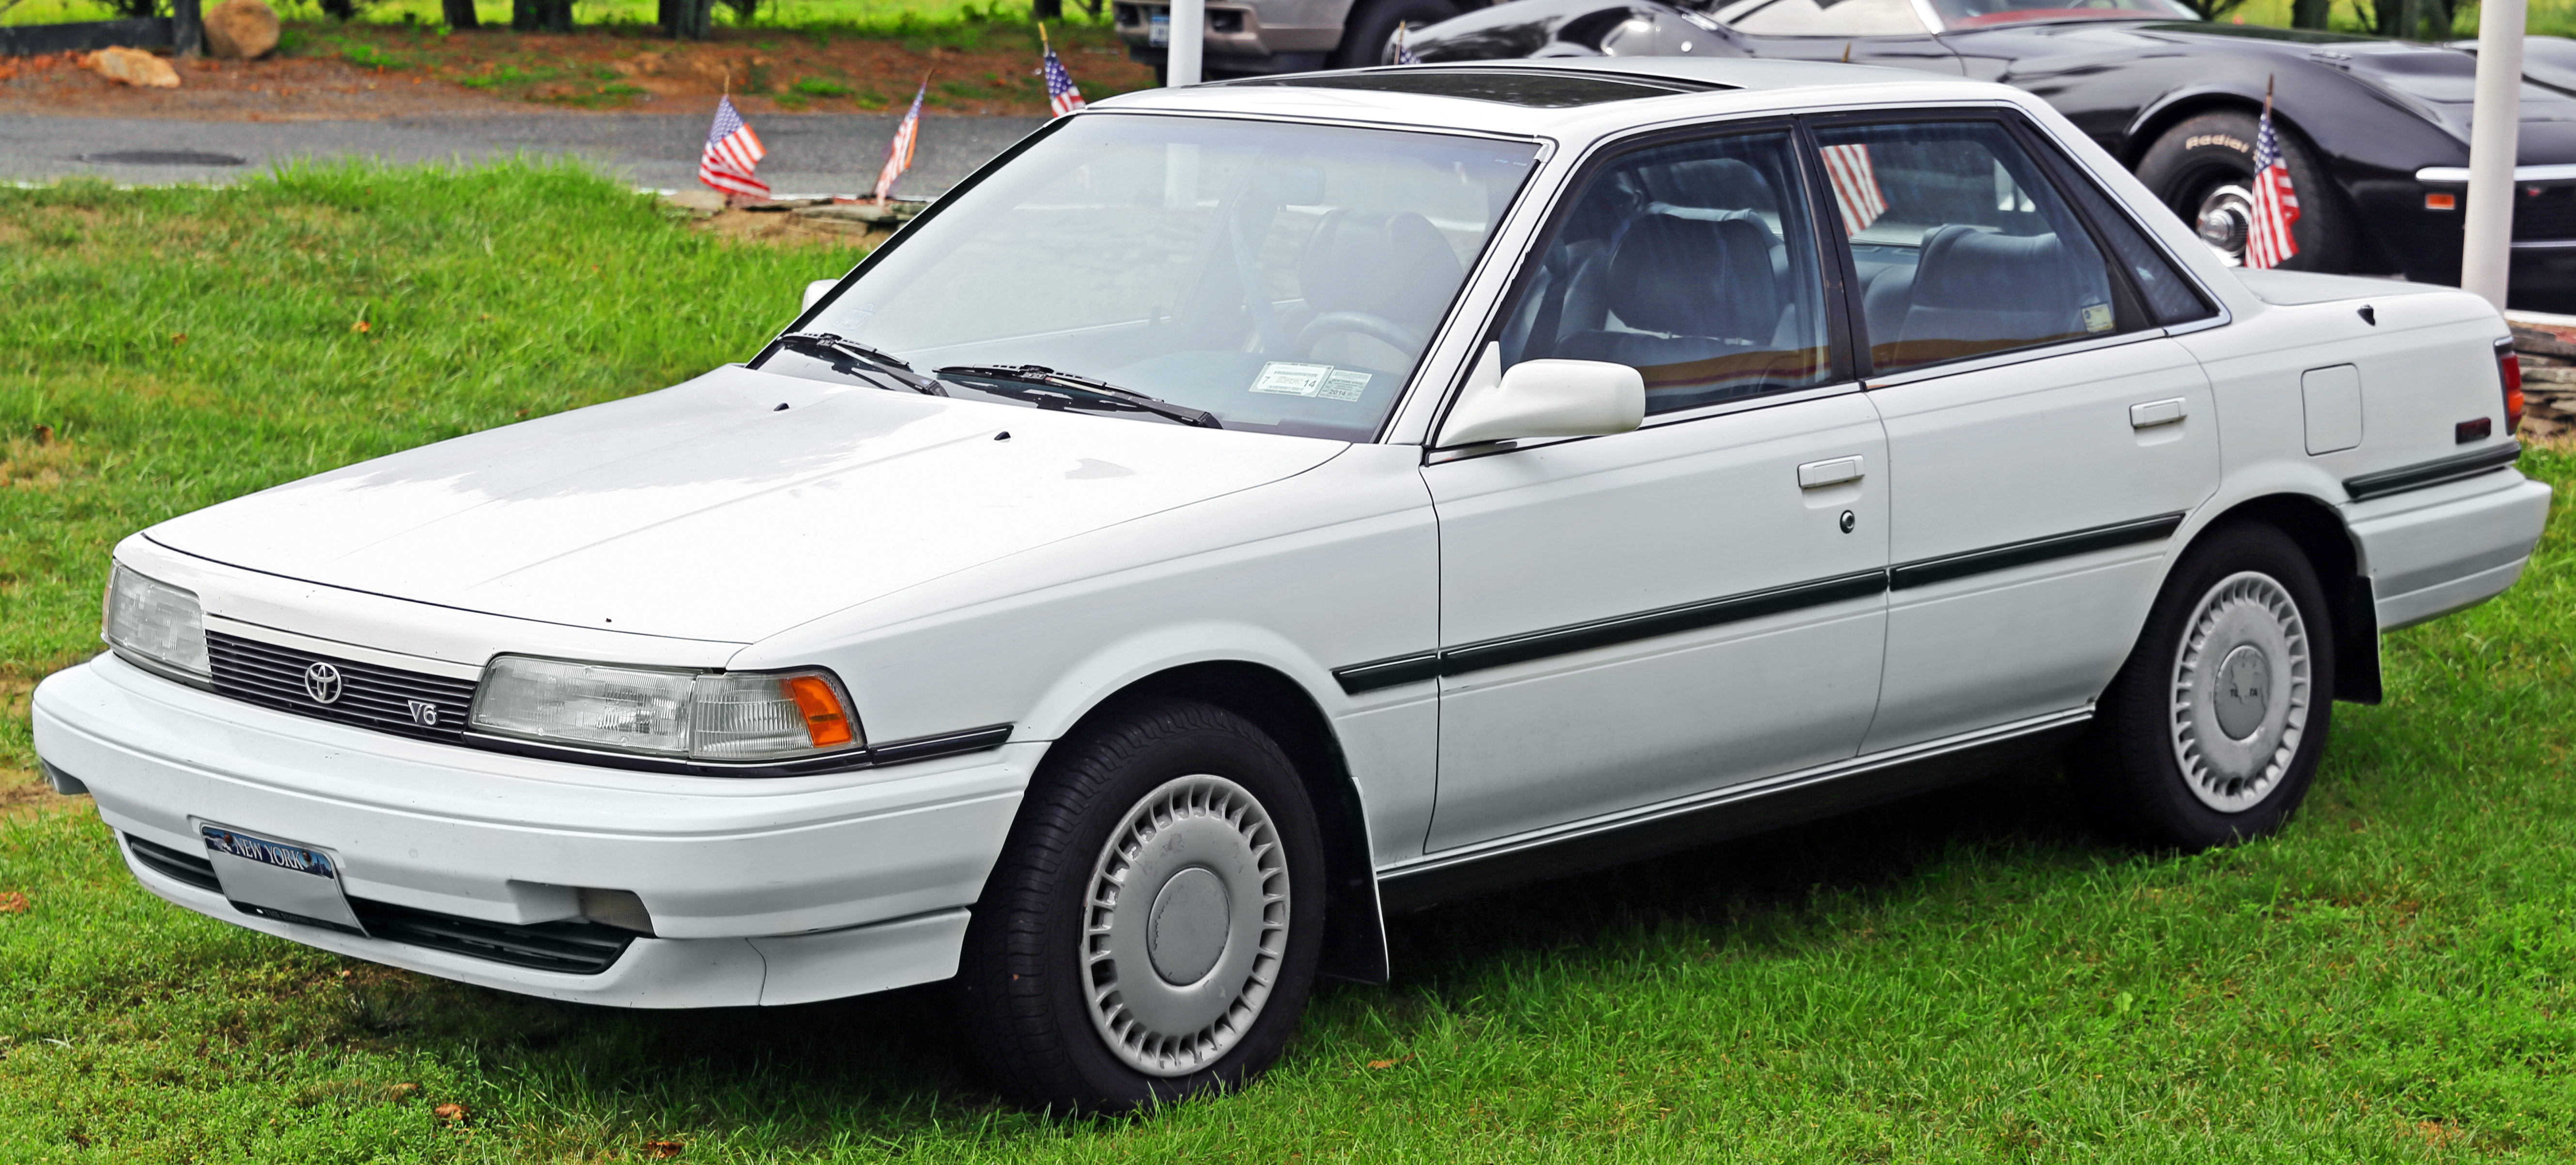 1991_Toyota_Camry_V6_VZV21_front_left_%2